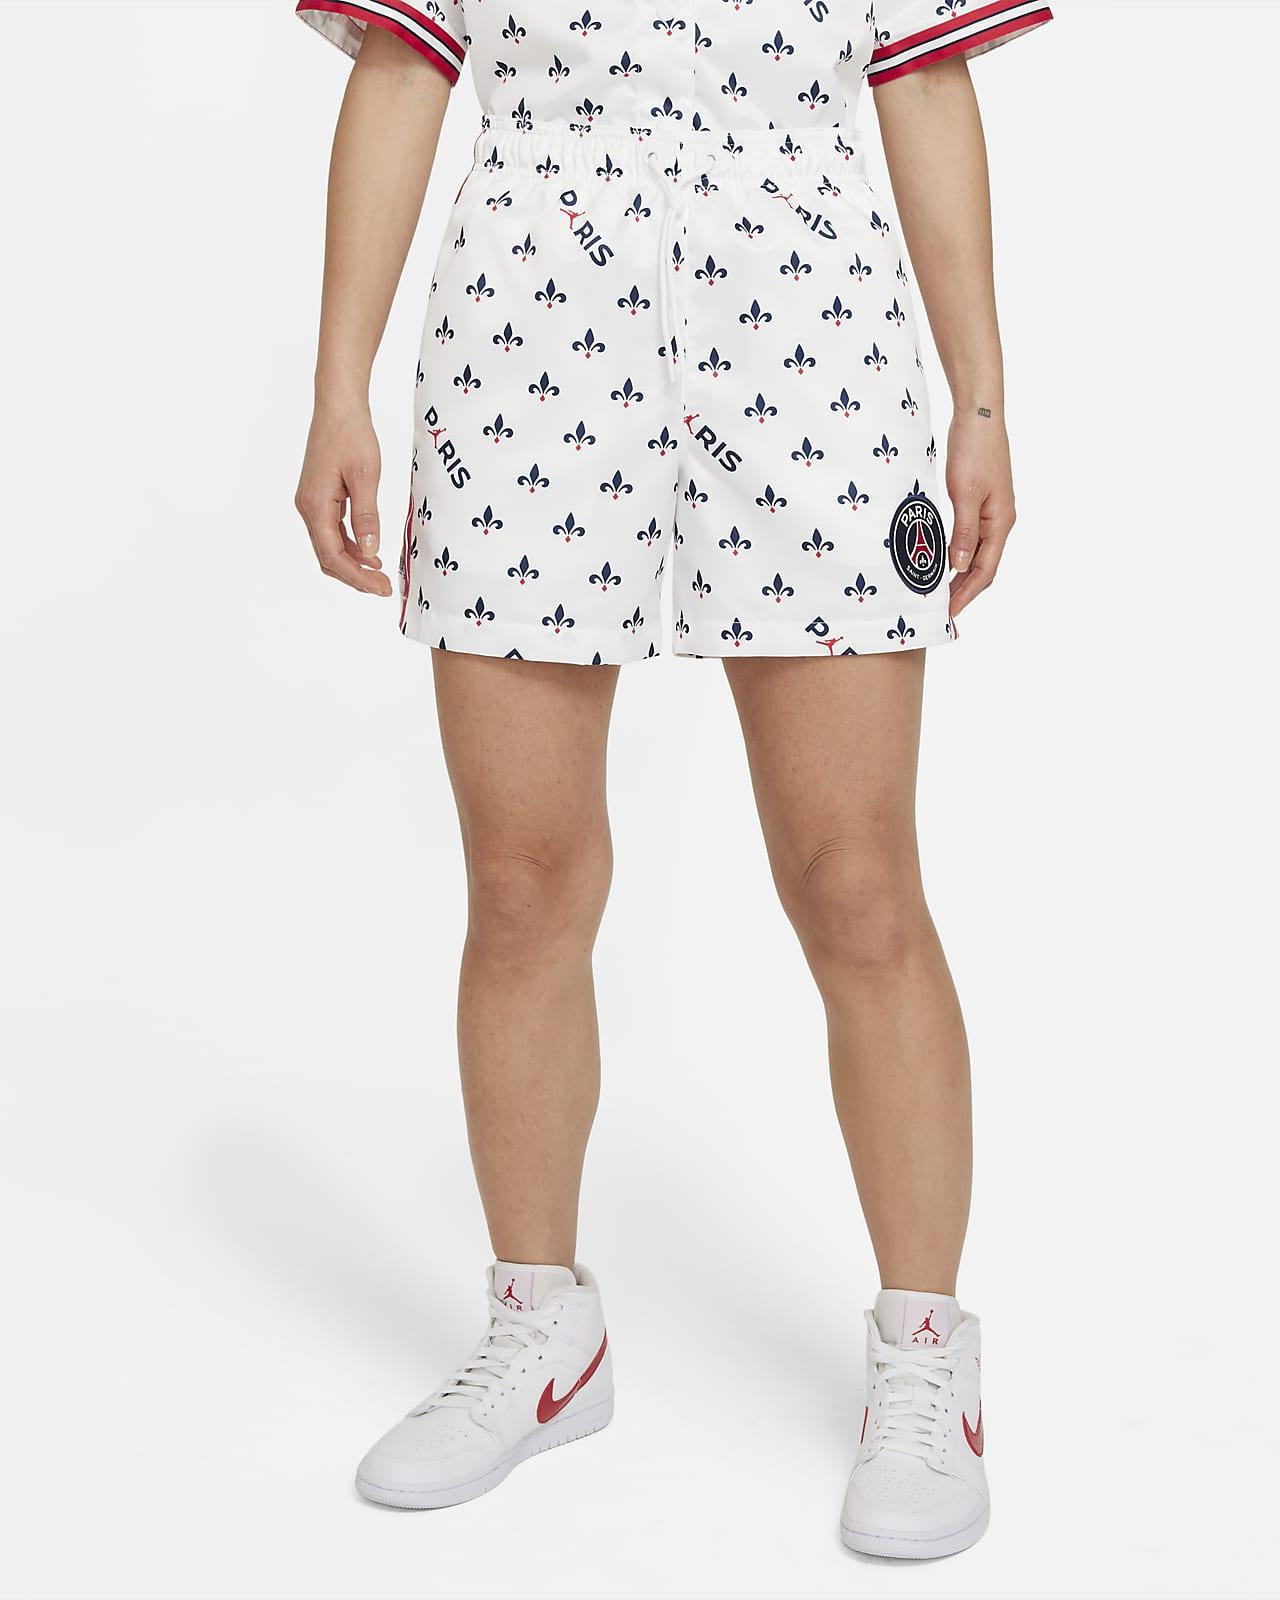 巴黎圣日耳曼女子印花短裤